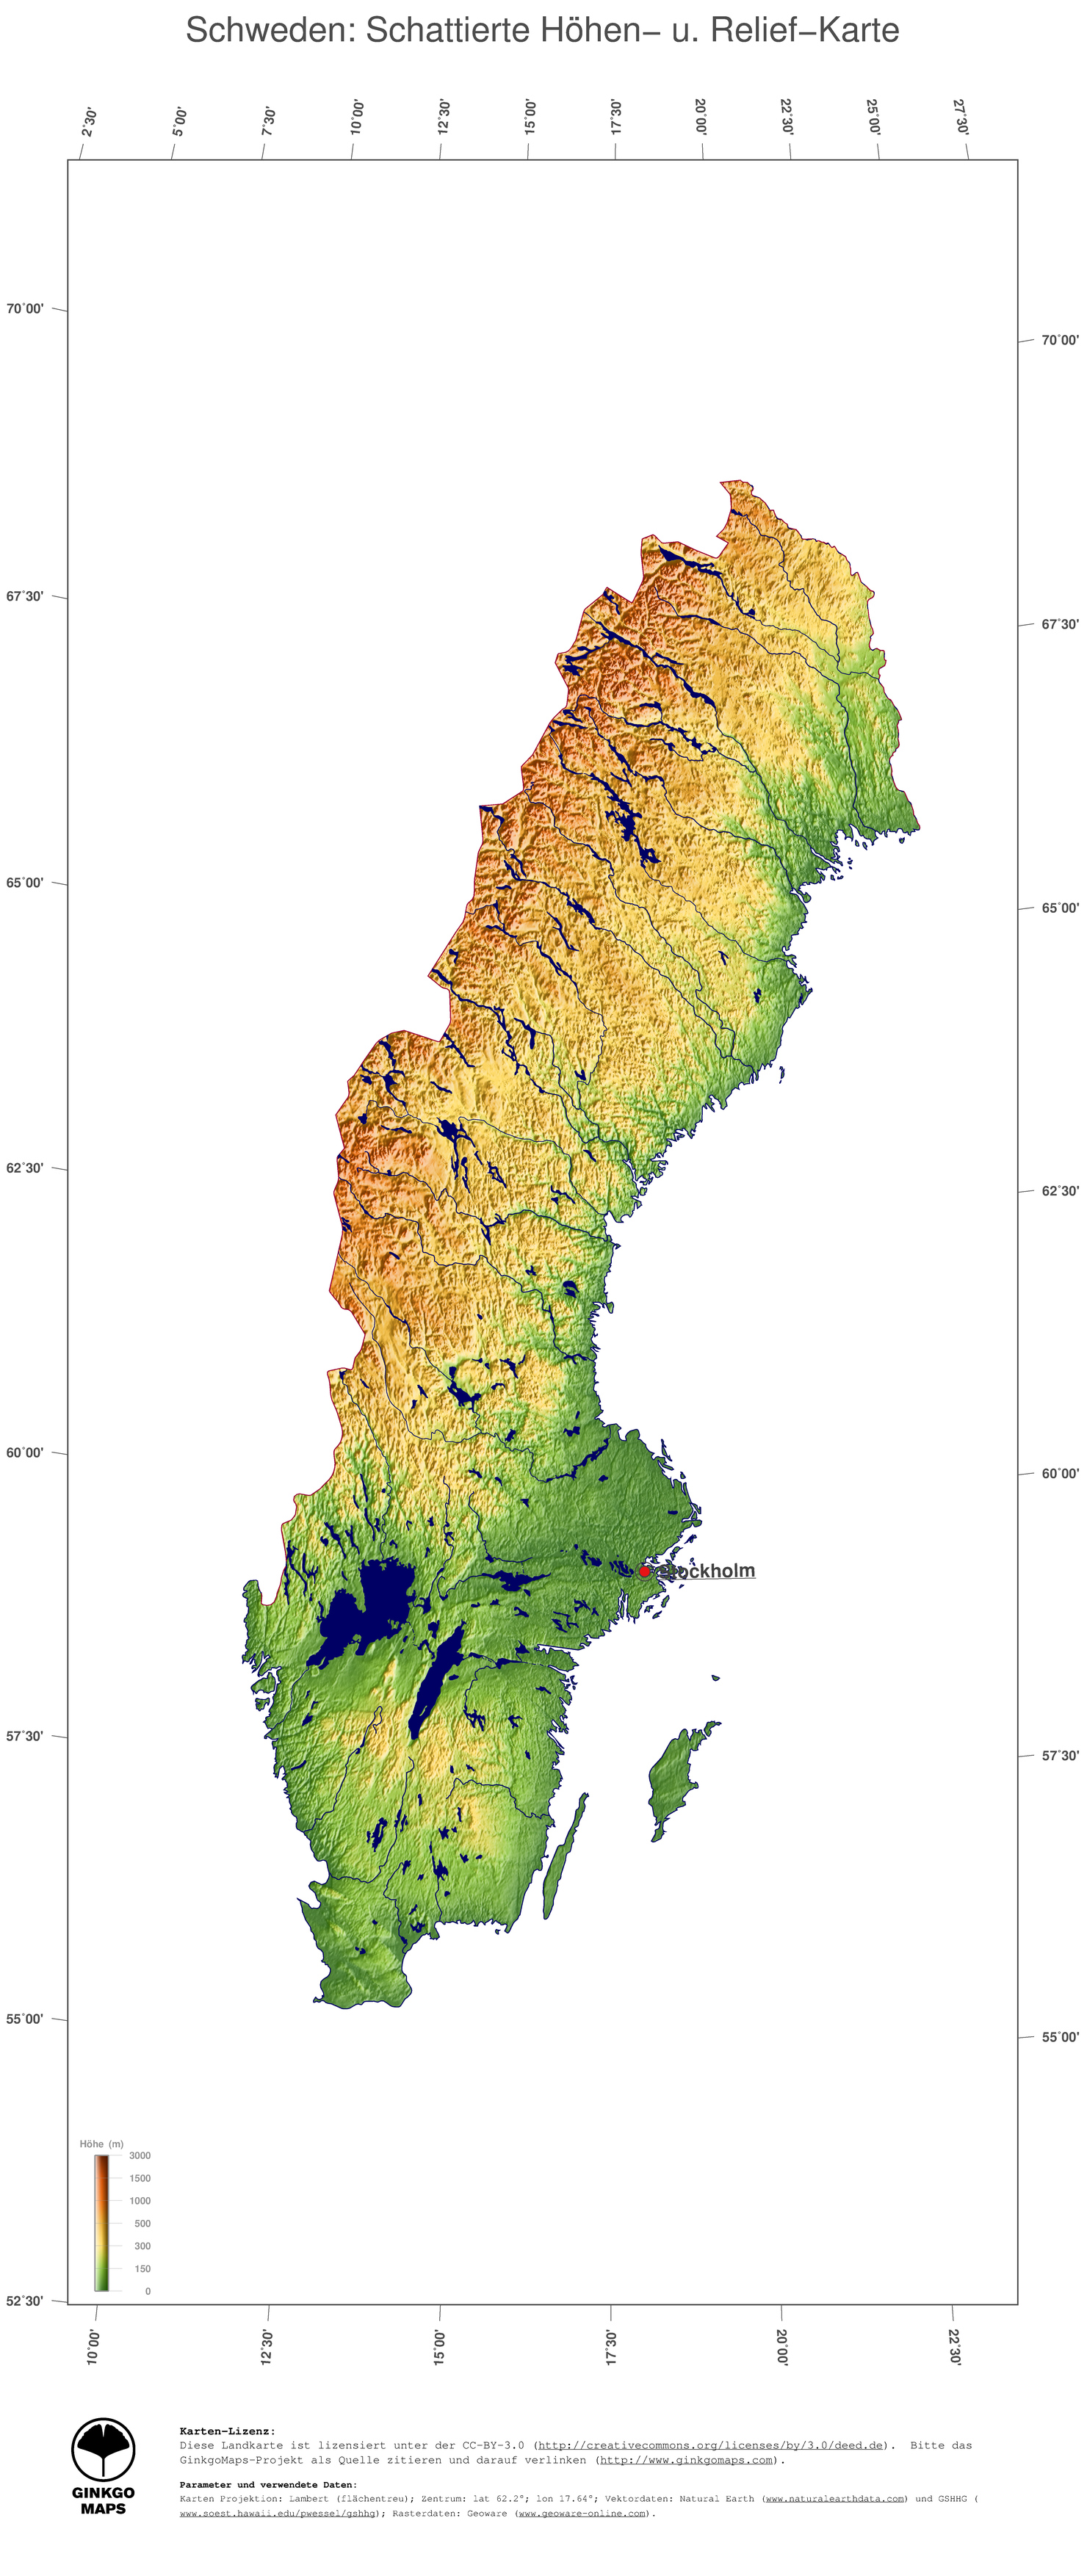 Skandinavien Karte Pdf.Landkarte Schweden Ginkgomaps Landkarten Sammlung Kontinent